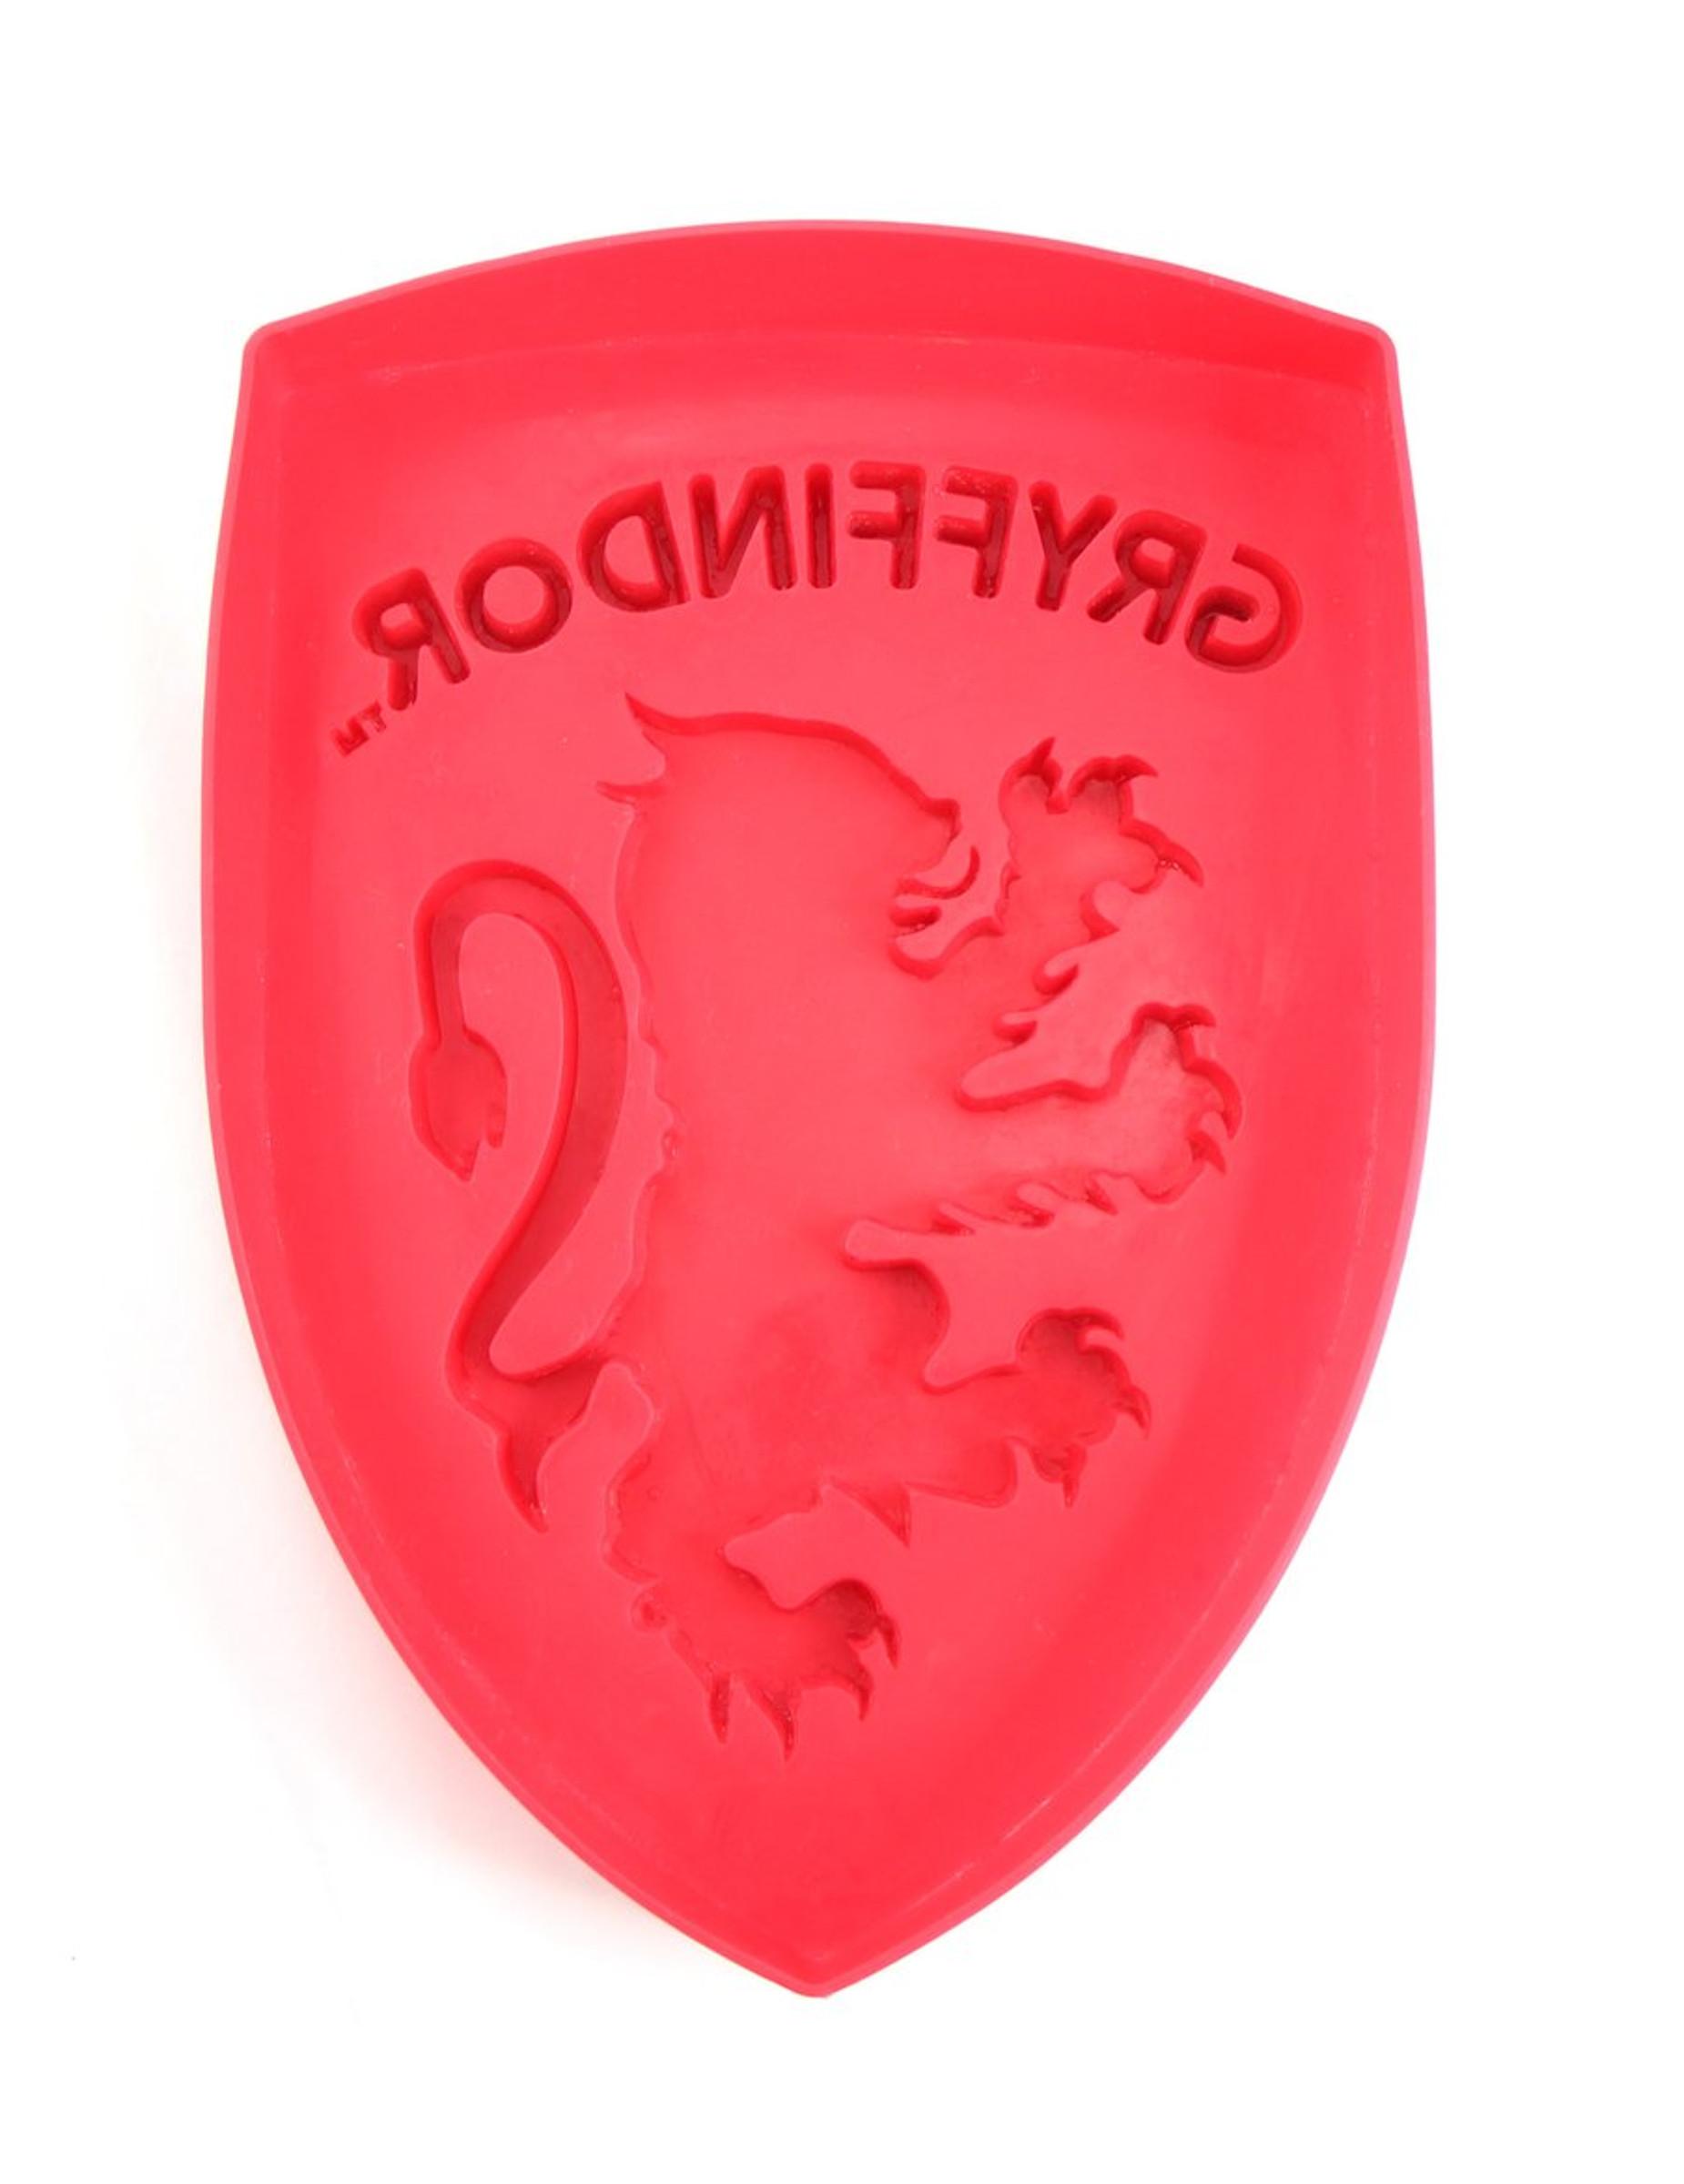 Moule g teau en silicone gryffindor harry potter rouge 27 x 18 5 cm deguise toi achat de - Moule a gateau silicone ...